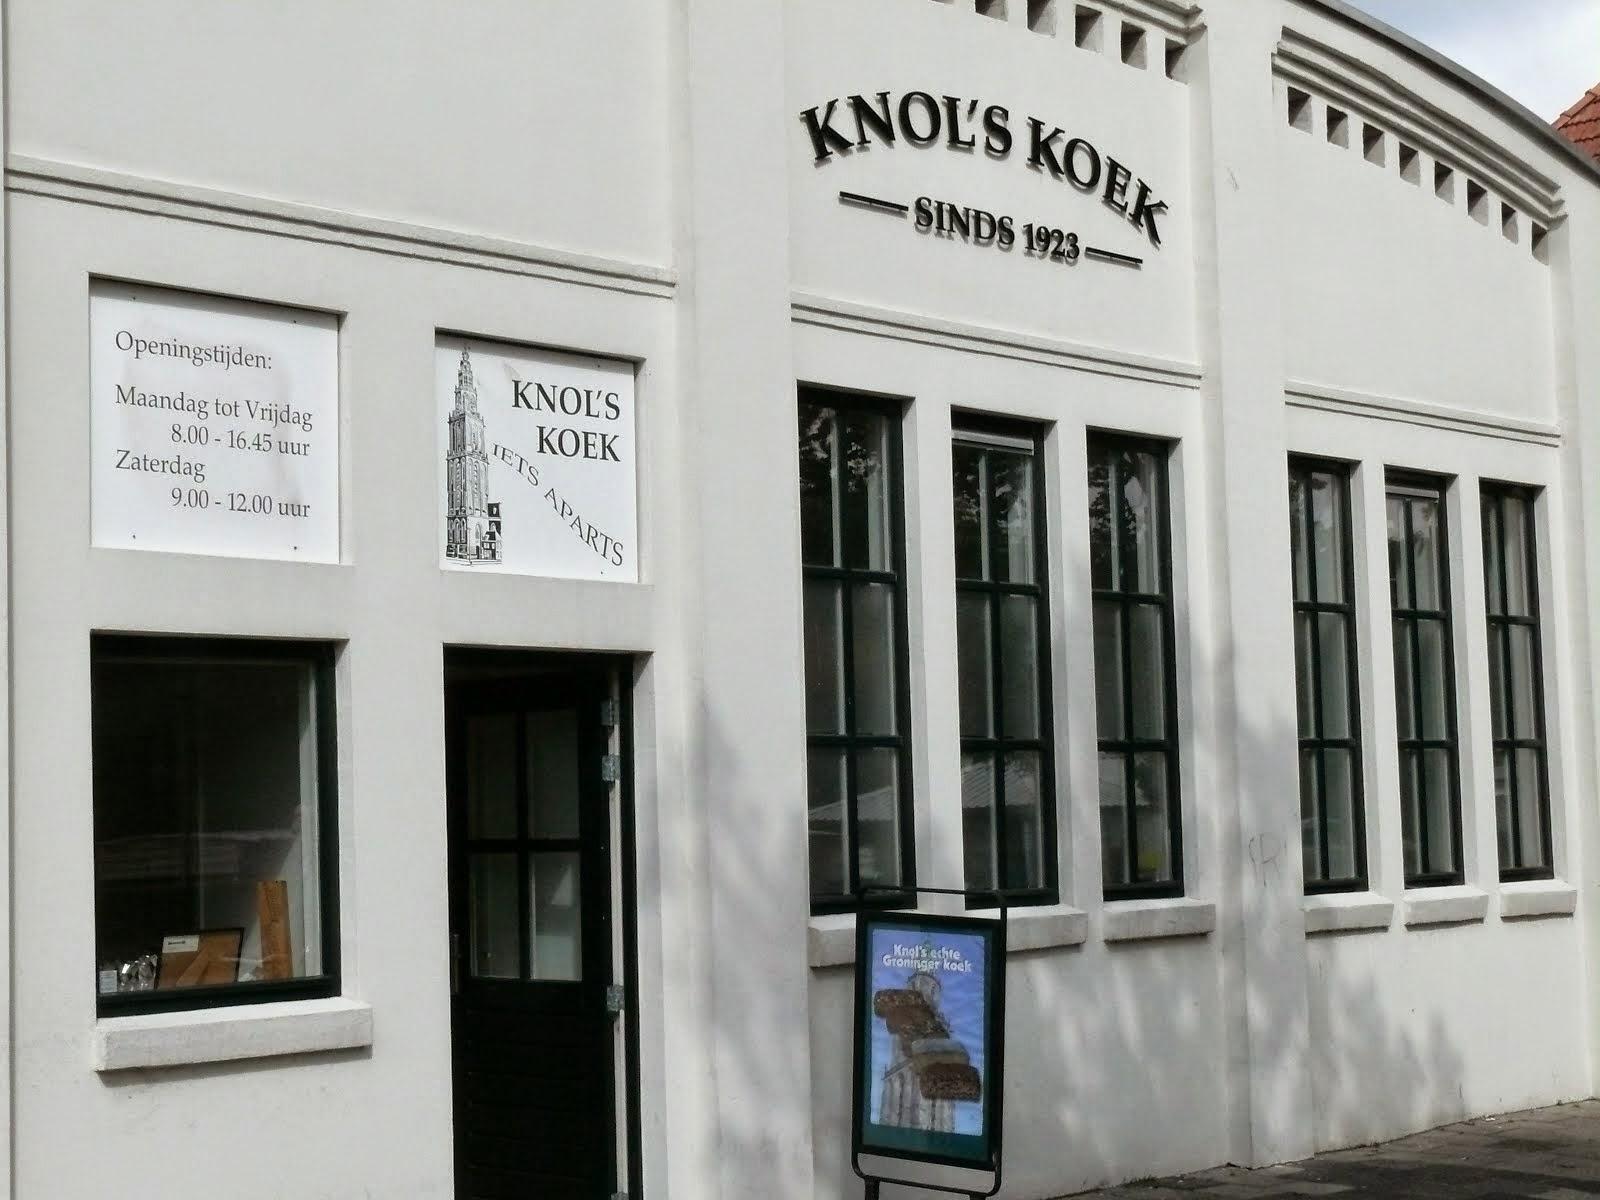 Nederlands bekendste KOEK (foto E.C.Fotograaf)